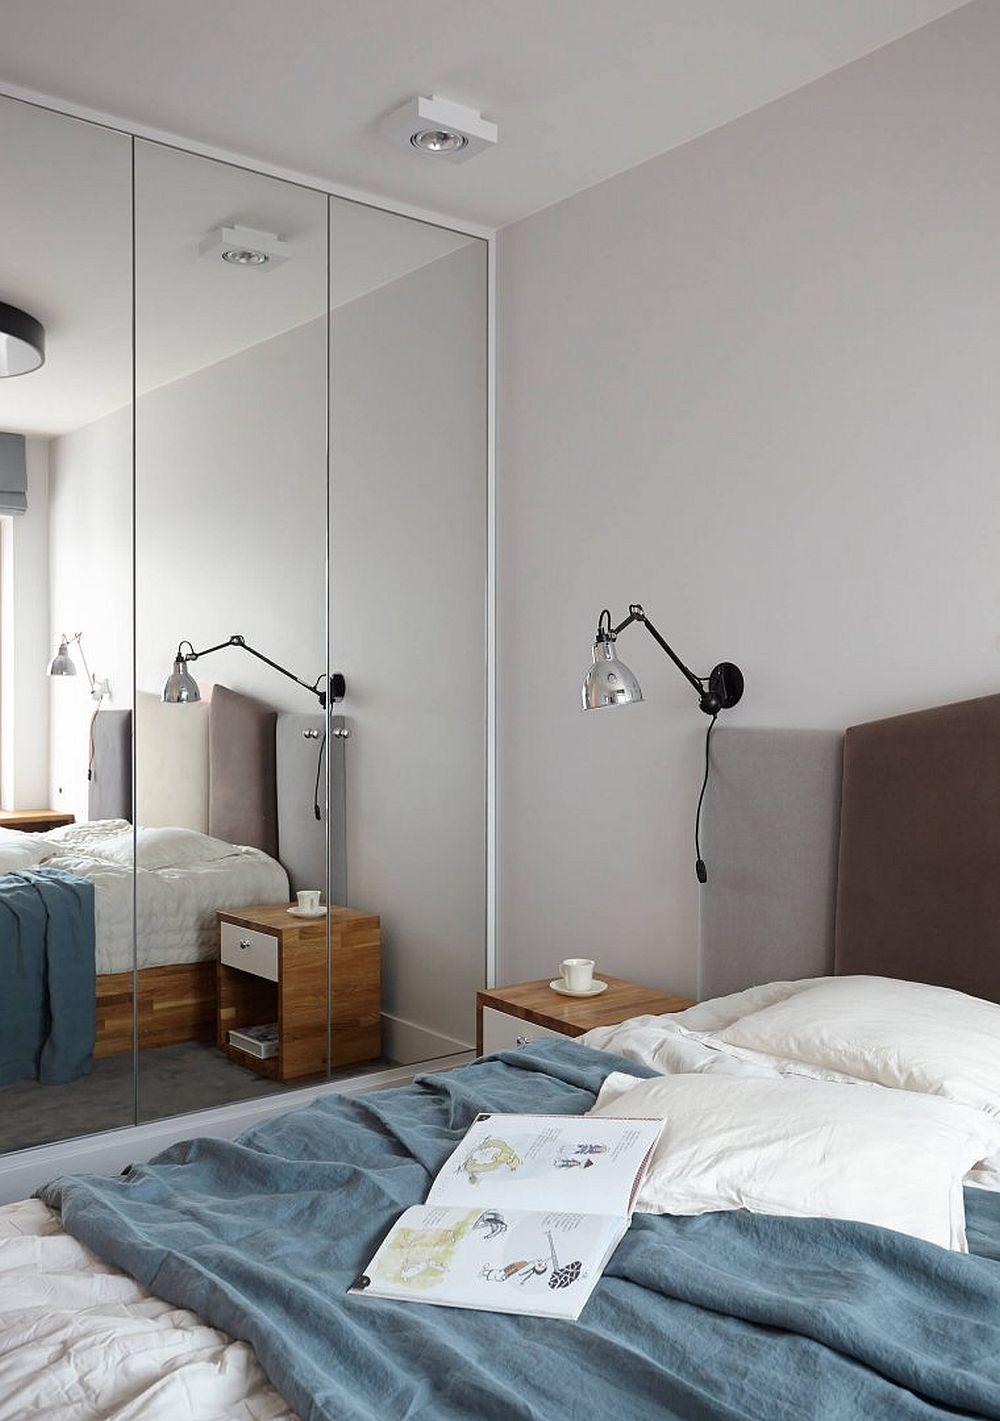 În dormitorul matrimonial al acestei locuințe, pe lângă patul care ocupă o suprafață mare, dulapul ocupă și mai mult din dimensiunile camerei. De aceea, arhitectele au prevăzut ca fețele dulapului să fie placate cu oglinzi și astfel senzația de lumină și spațiu să fie amplificate.